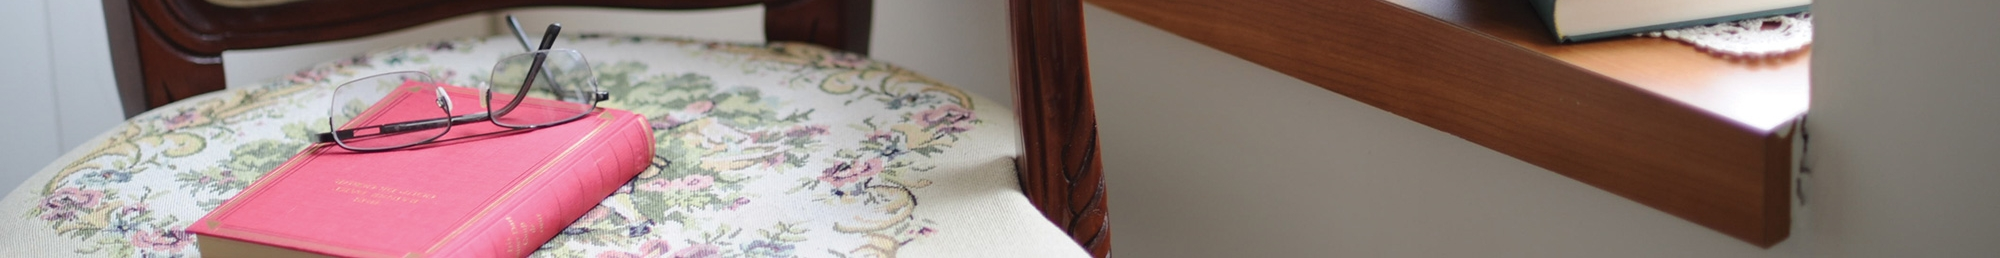 Une chaise avec un livre de lecture